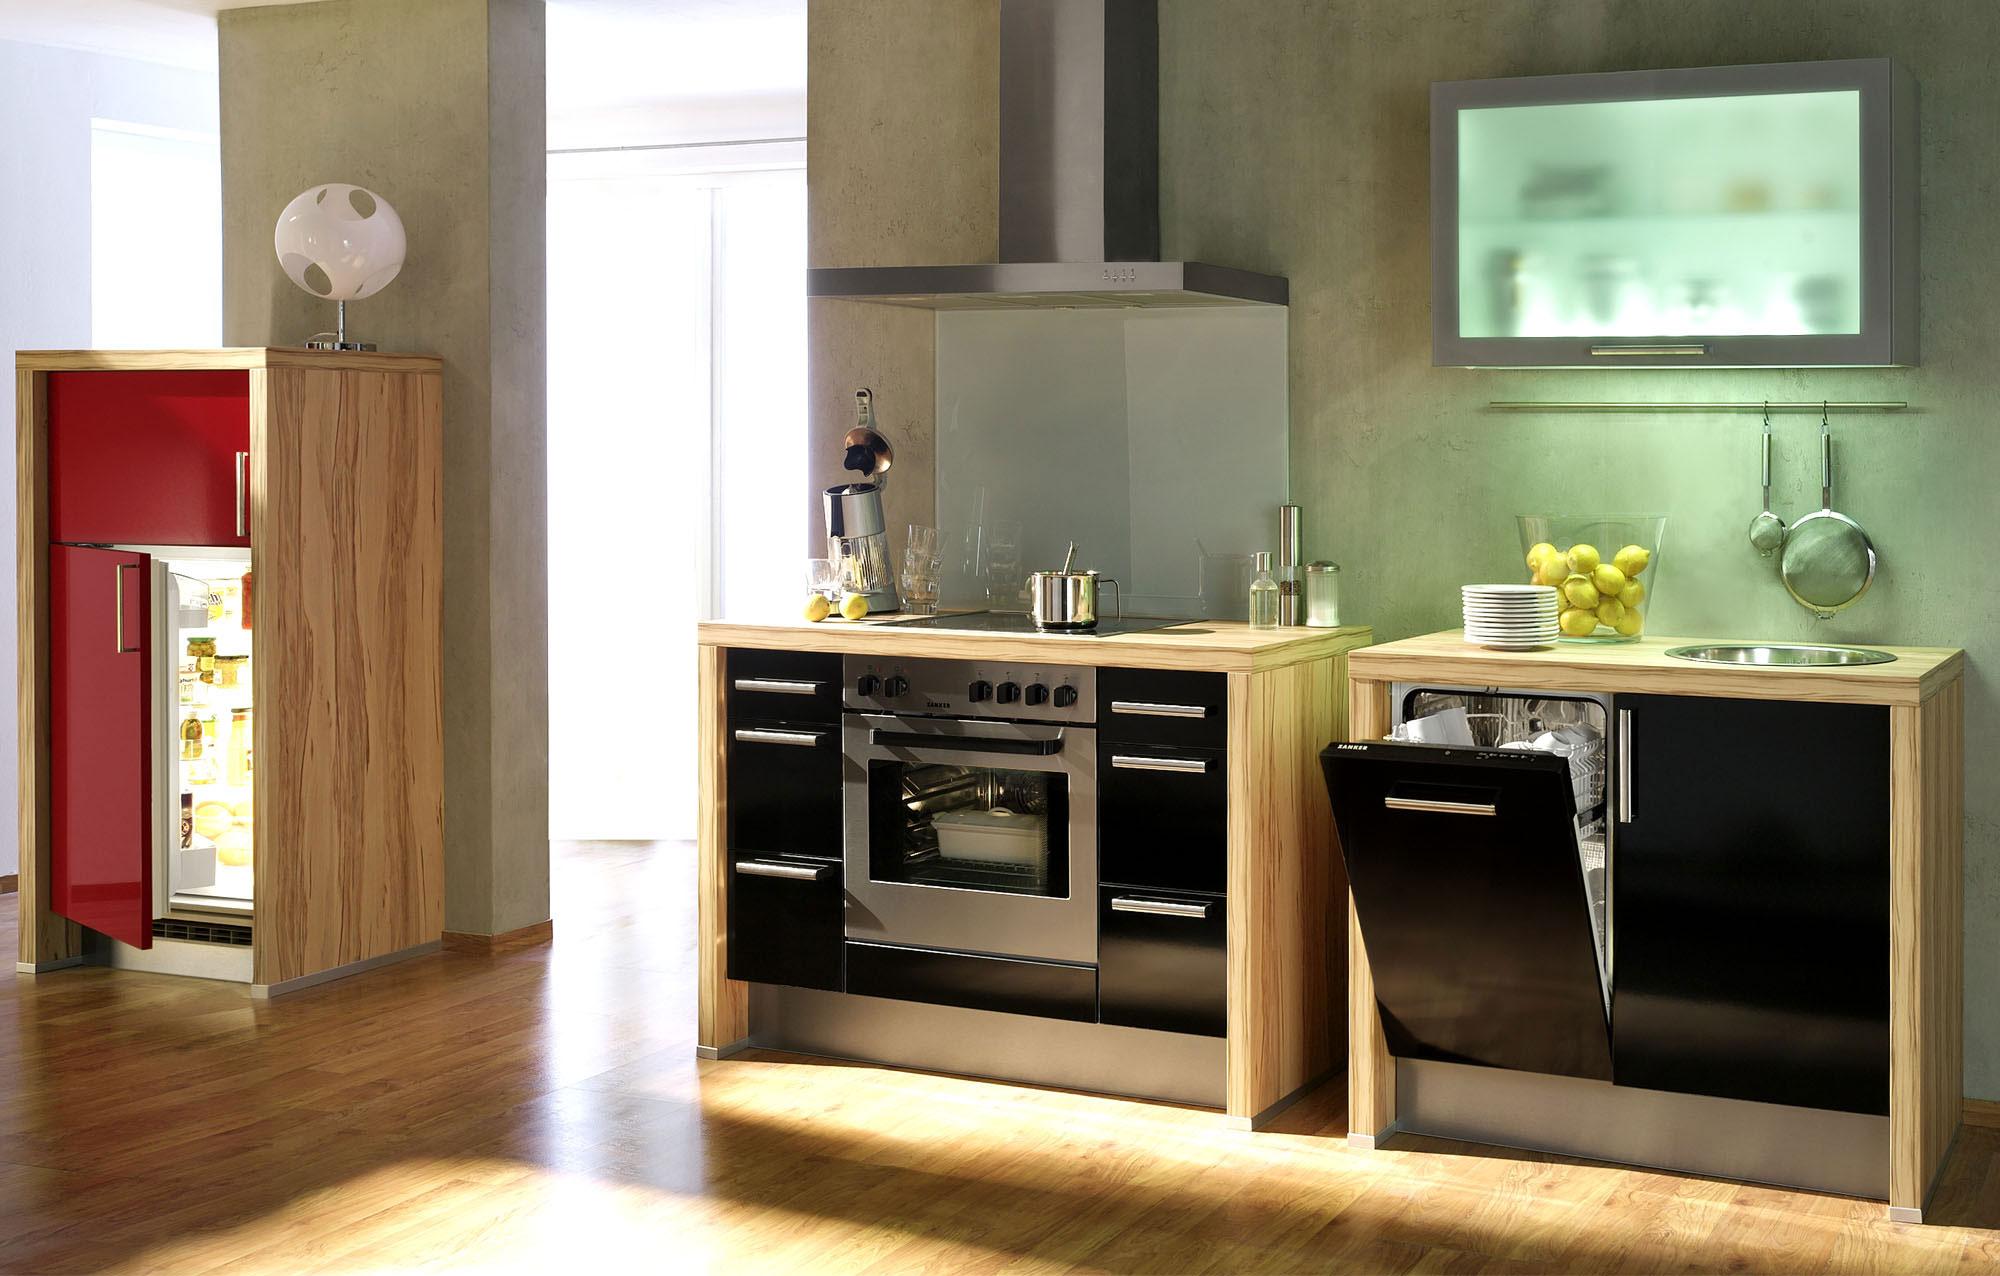 Full Size of Miniküche Ideen Ikea Wohnzimmer Tapeten Mit Kühlschrank Bad Renovieren Stengel Wohnzimmer Miniküche Ideen